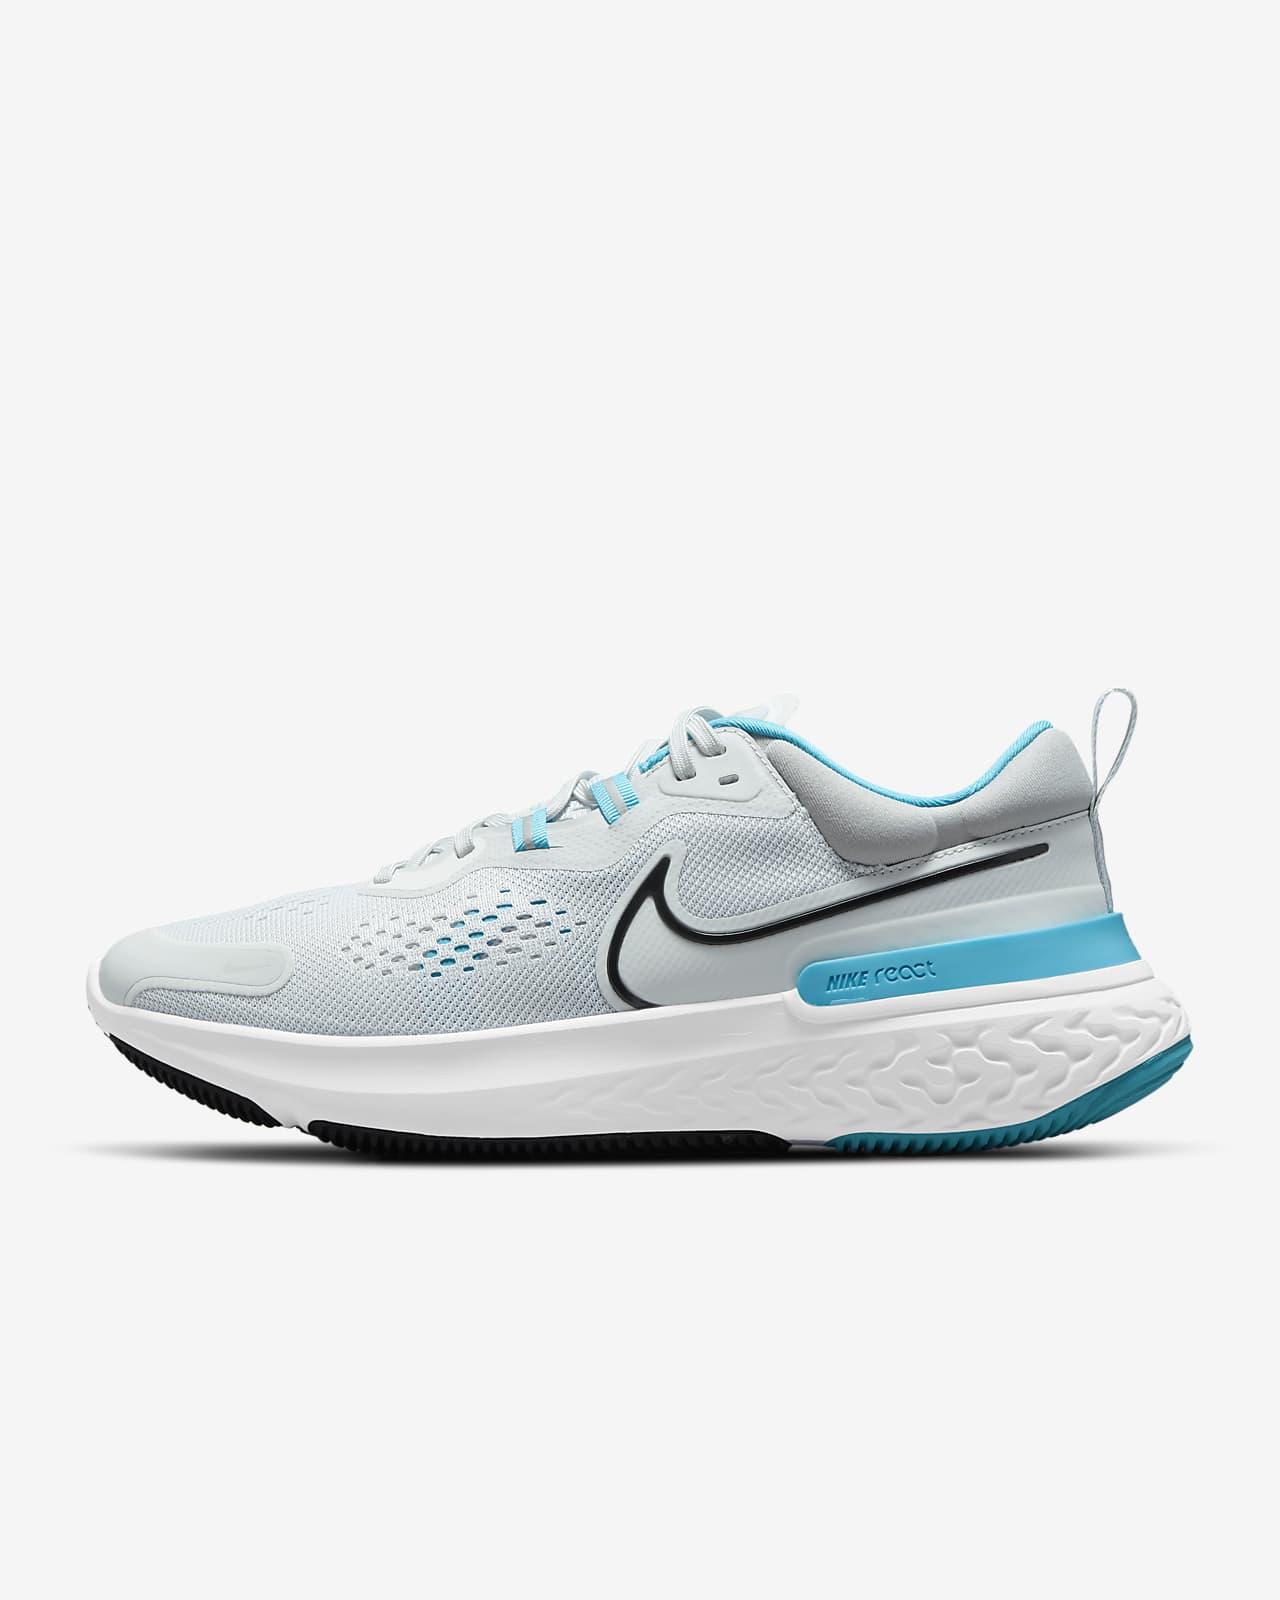 Nike React Miler 2 Men's Road Running Shoe. Nike NL